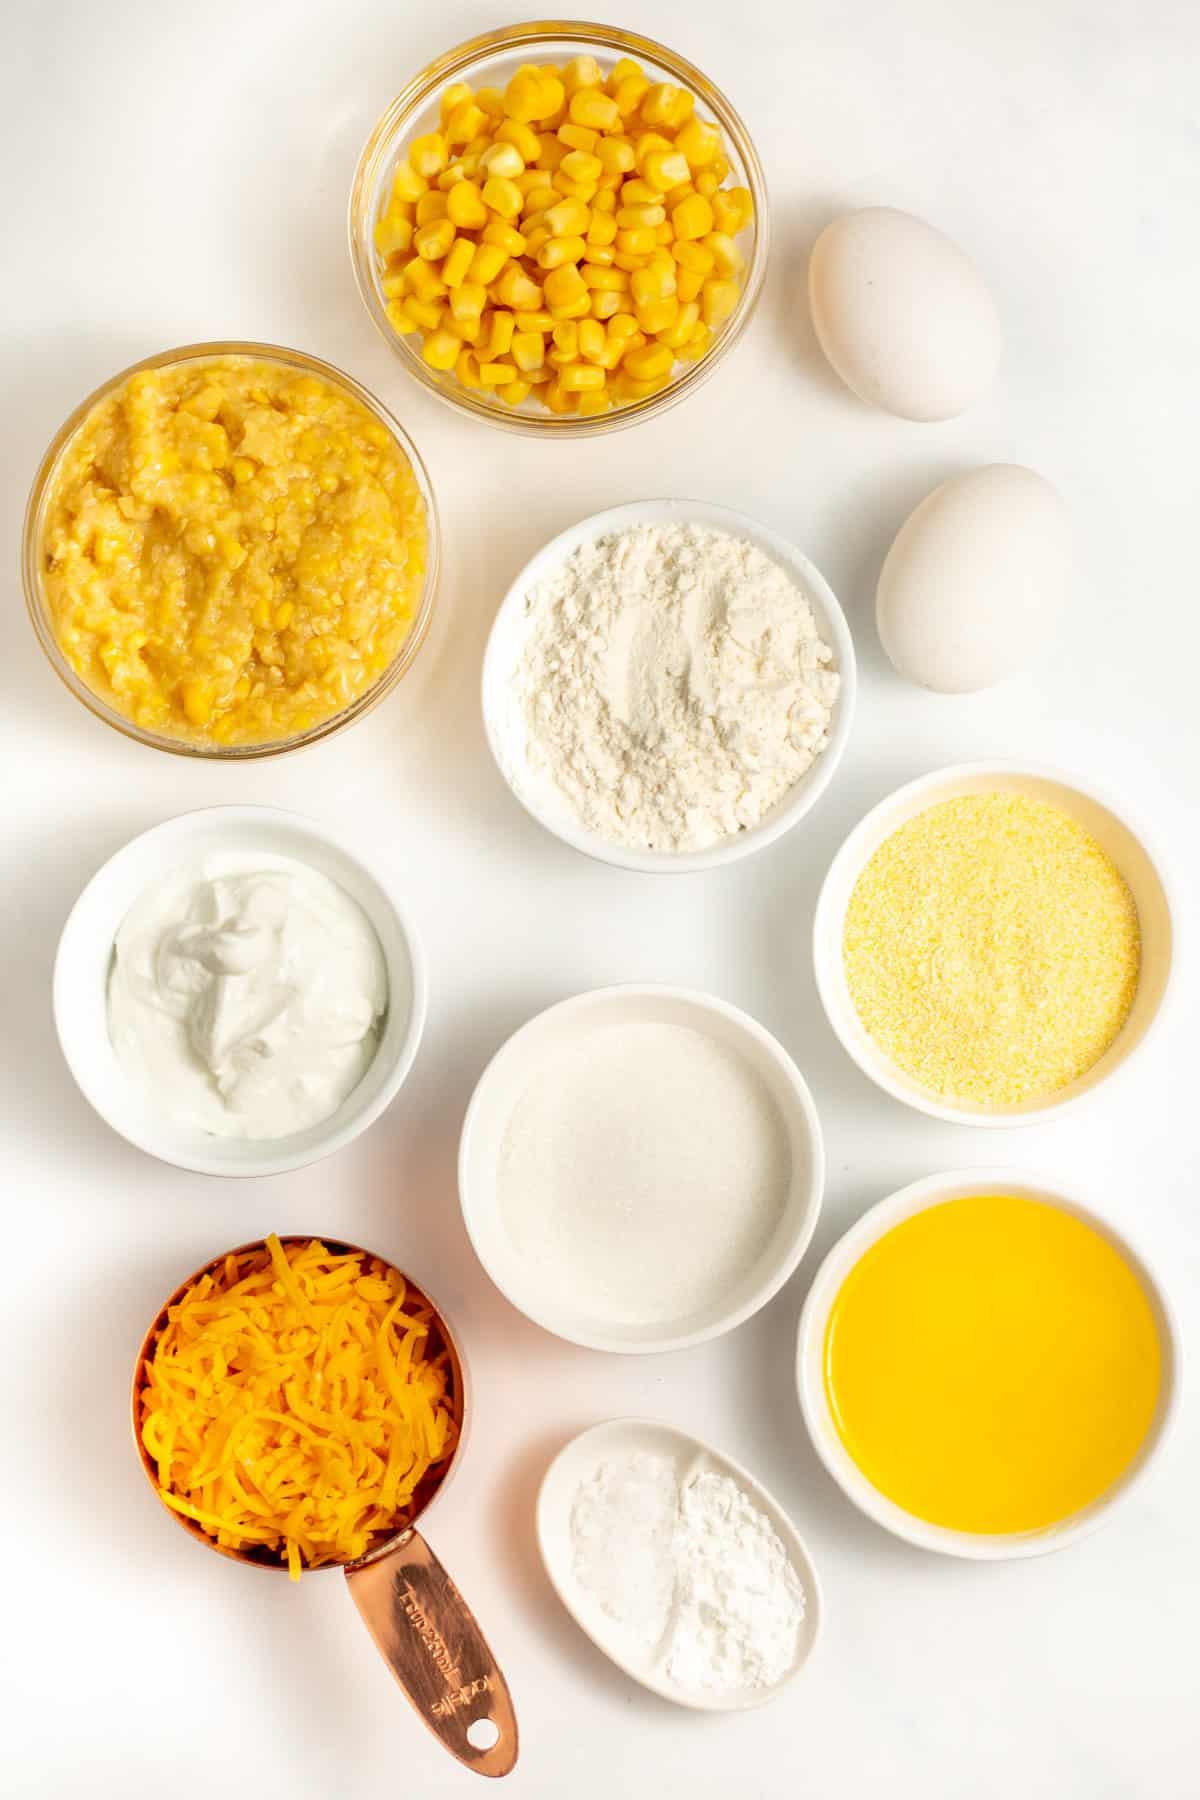 ingredients to make cornbread casserole